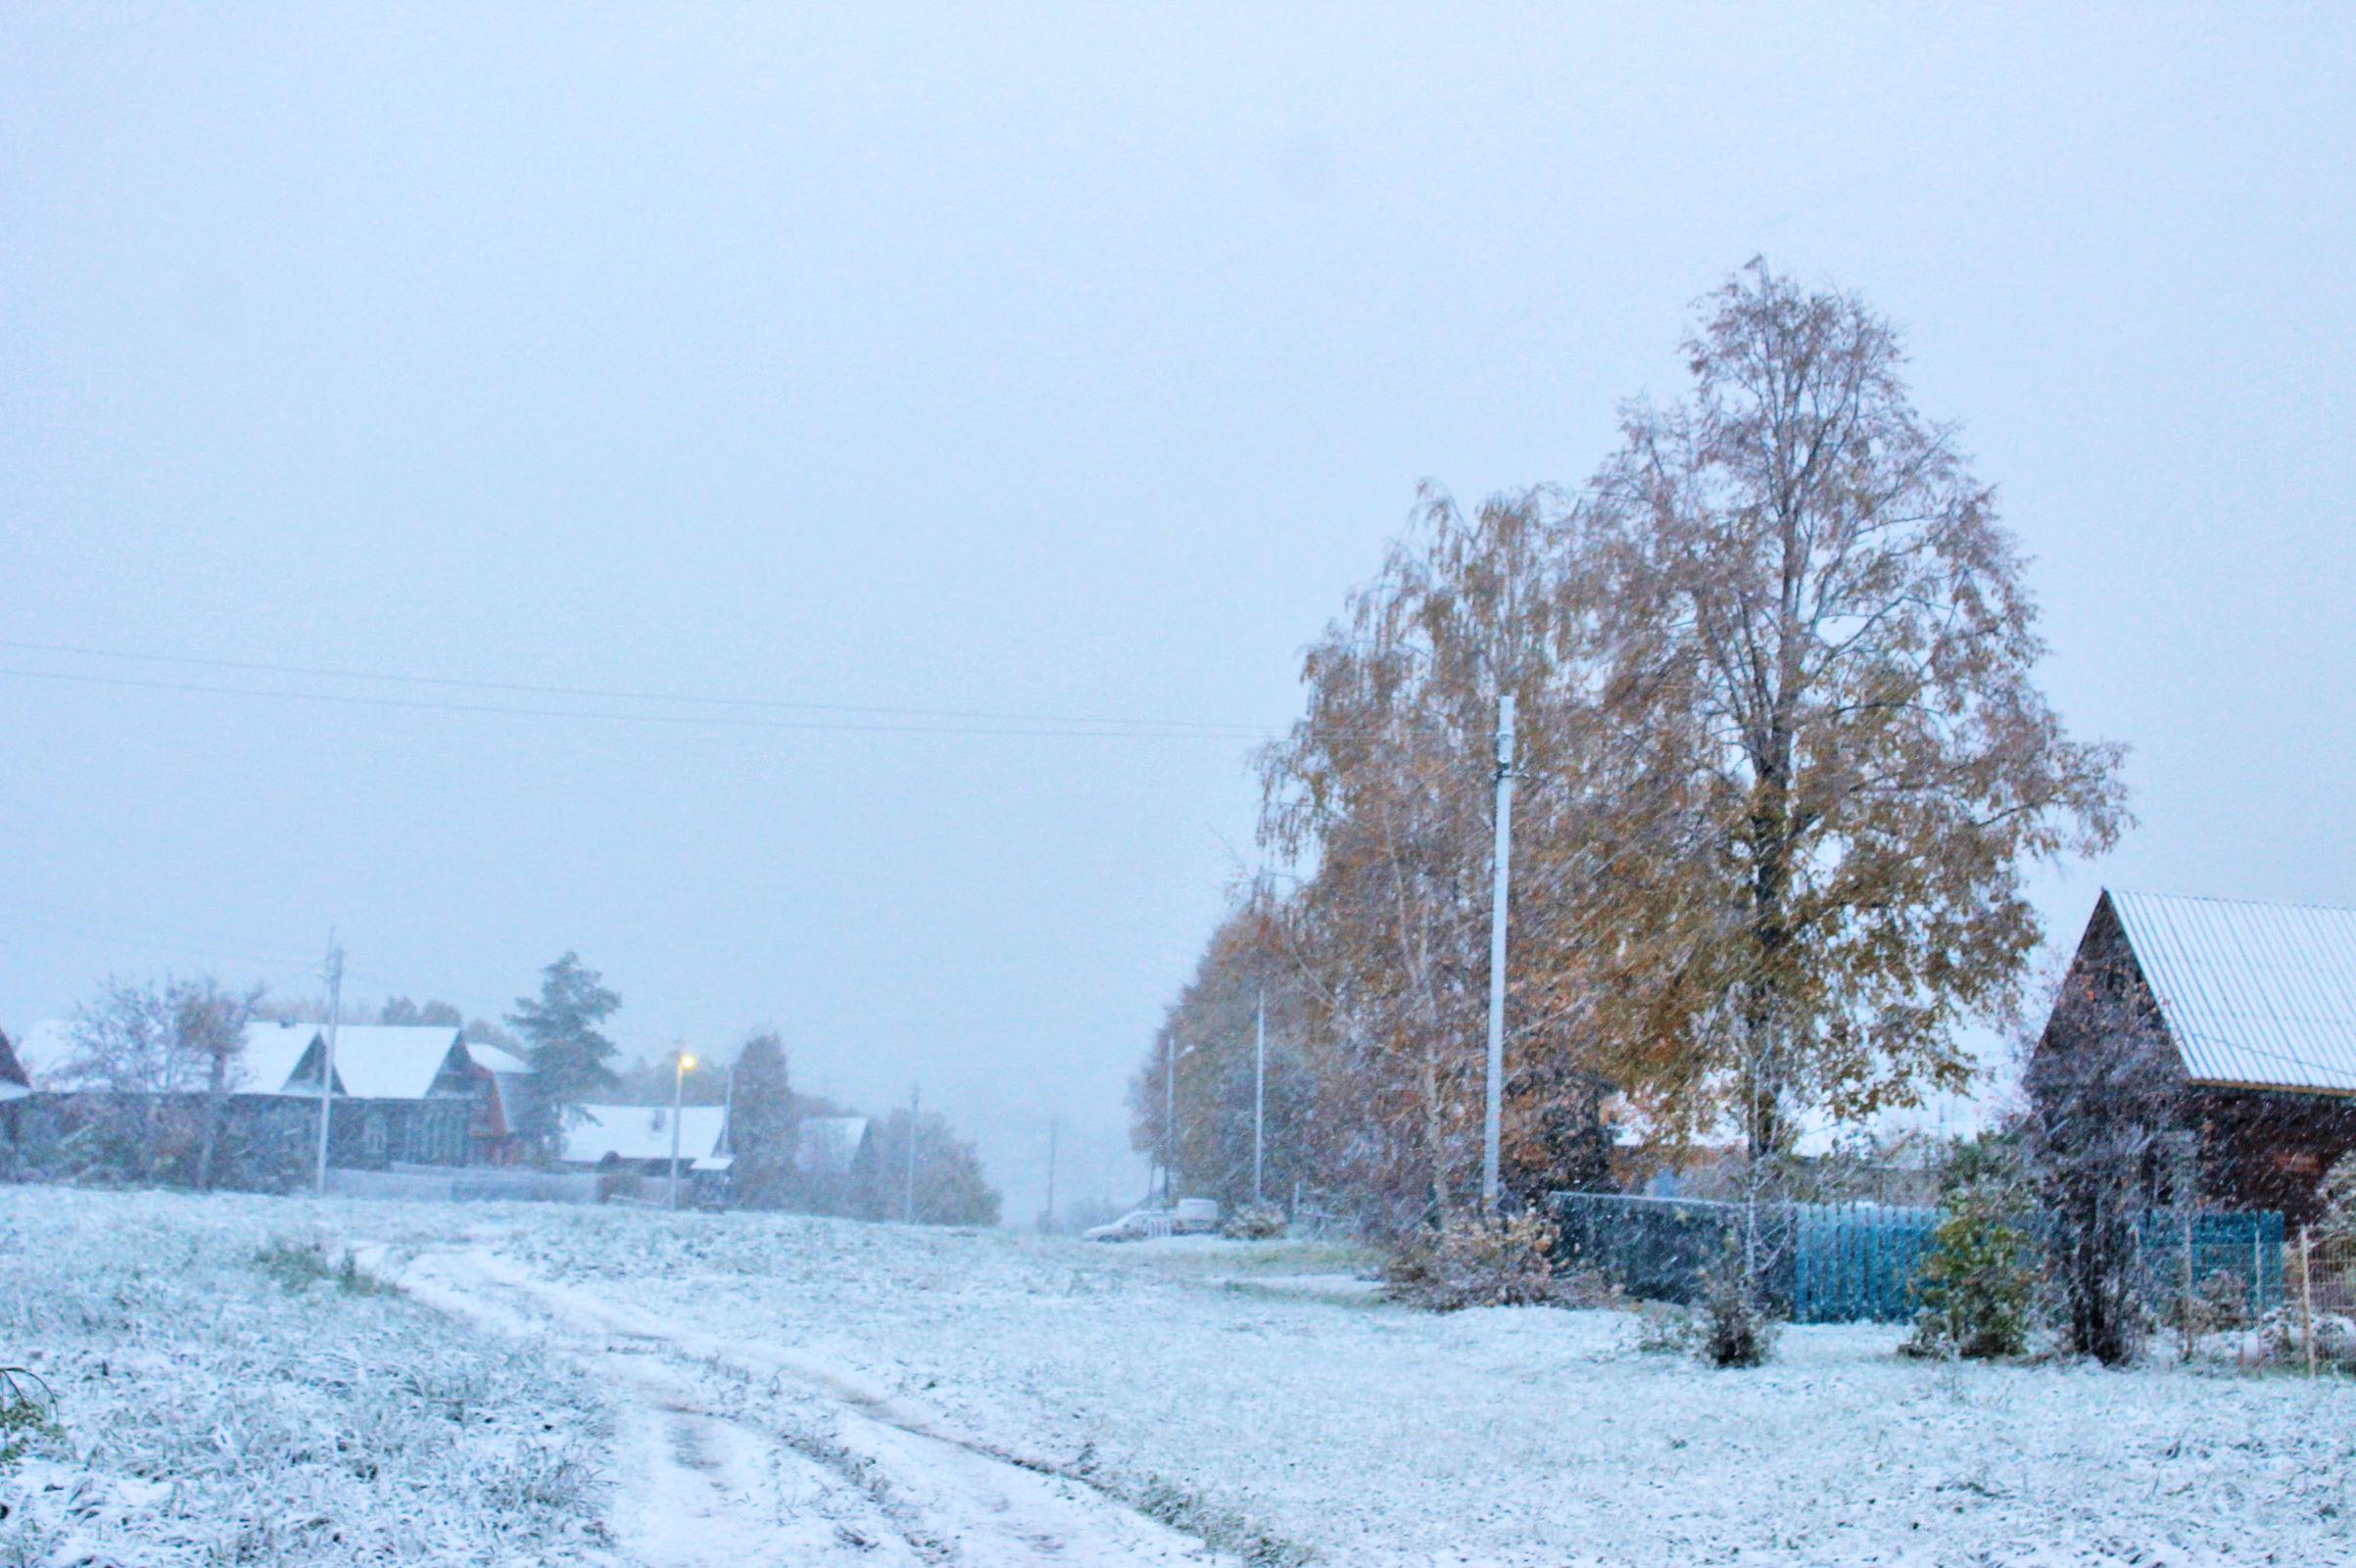 Из сентября в ноябрь: в предстоящие выходные в Ярославской области ждут снегопады